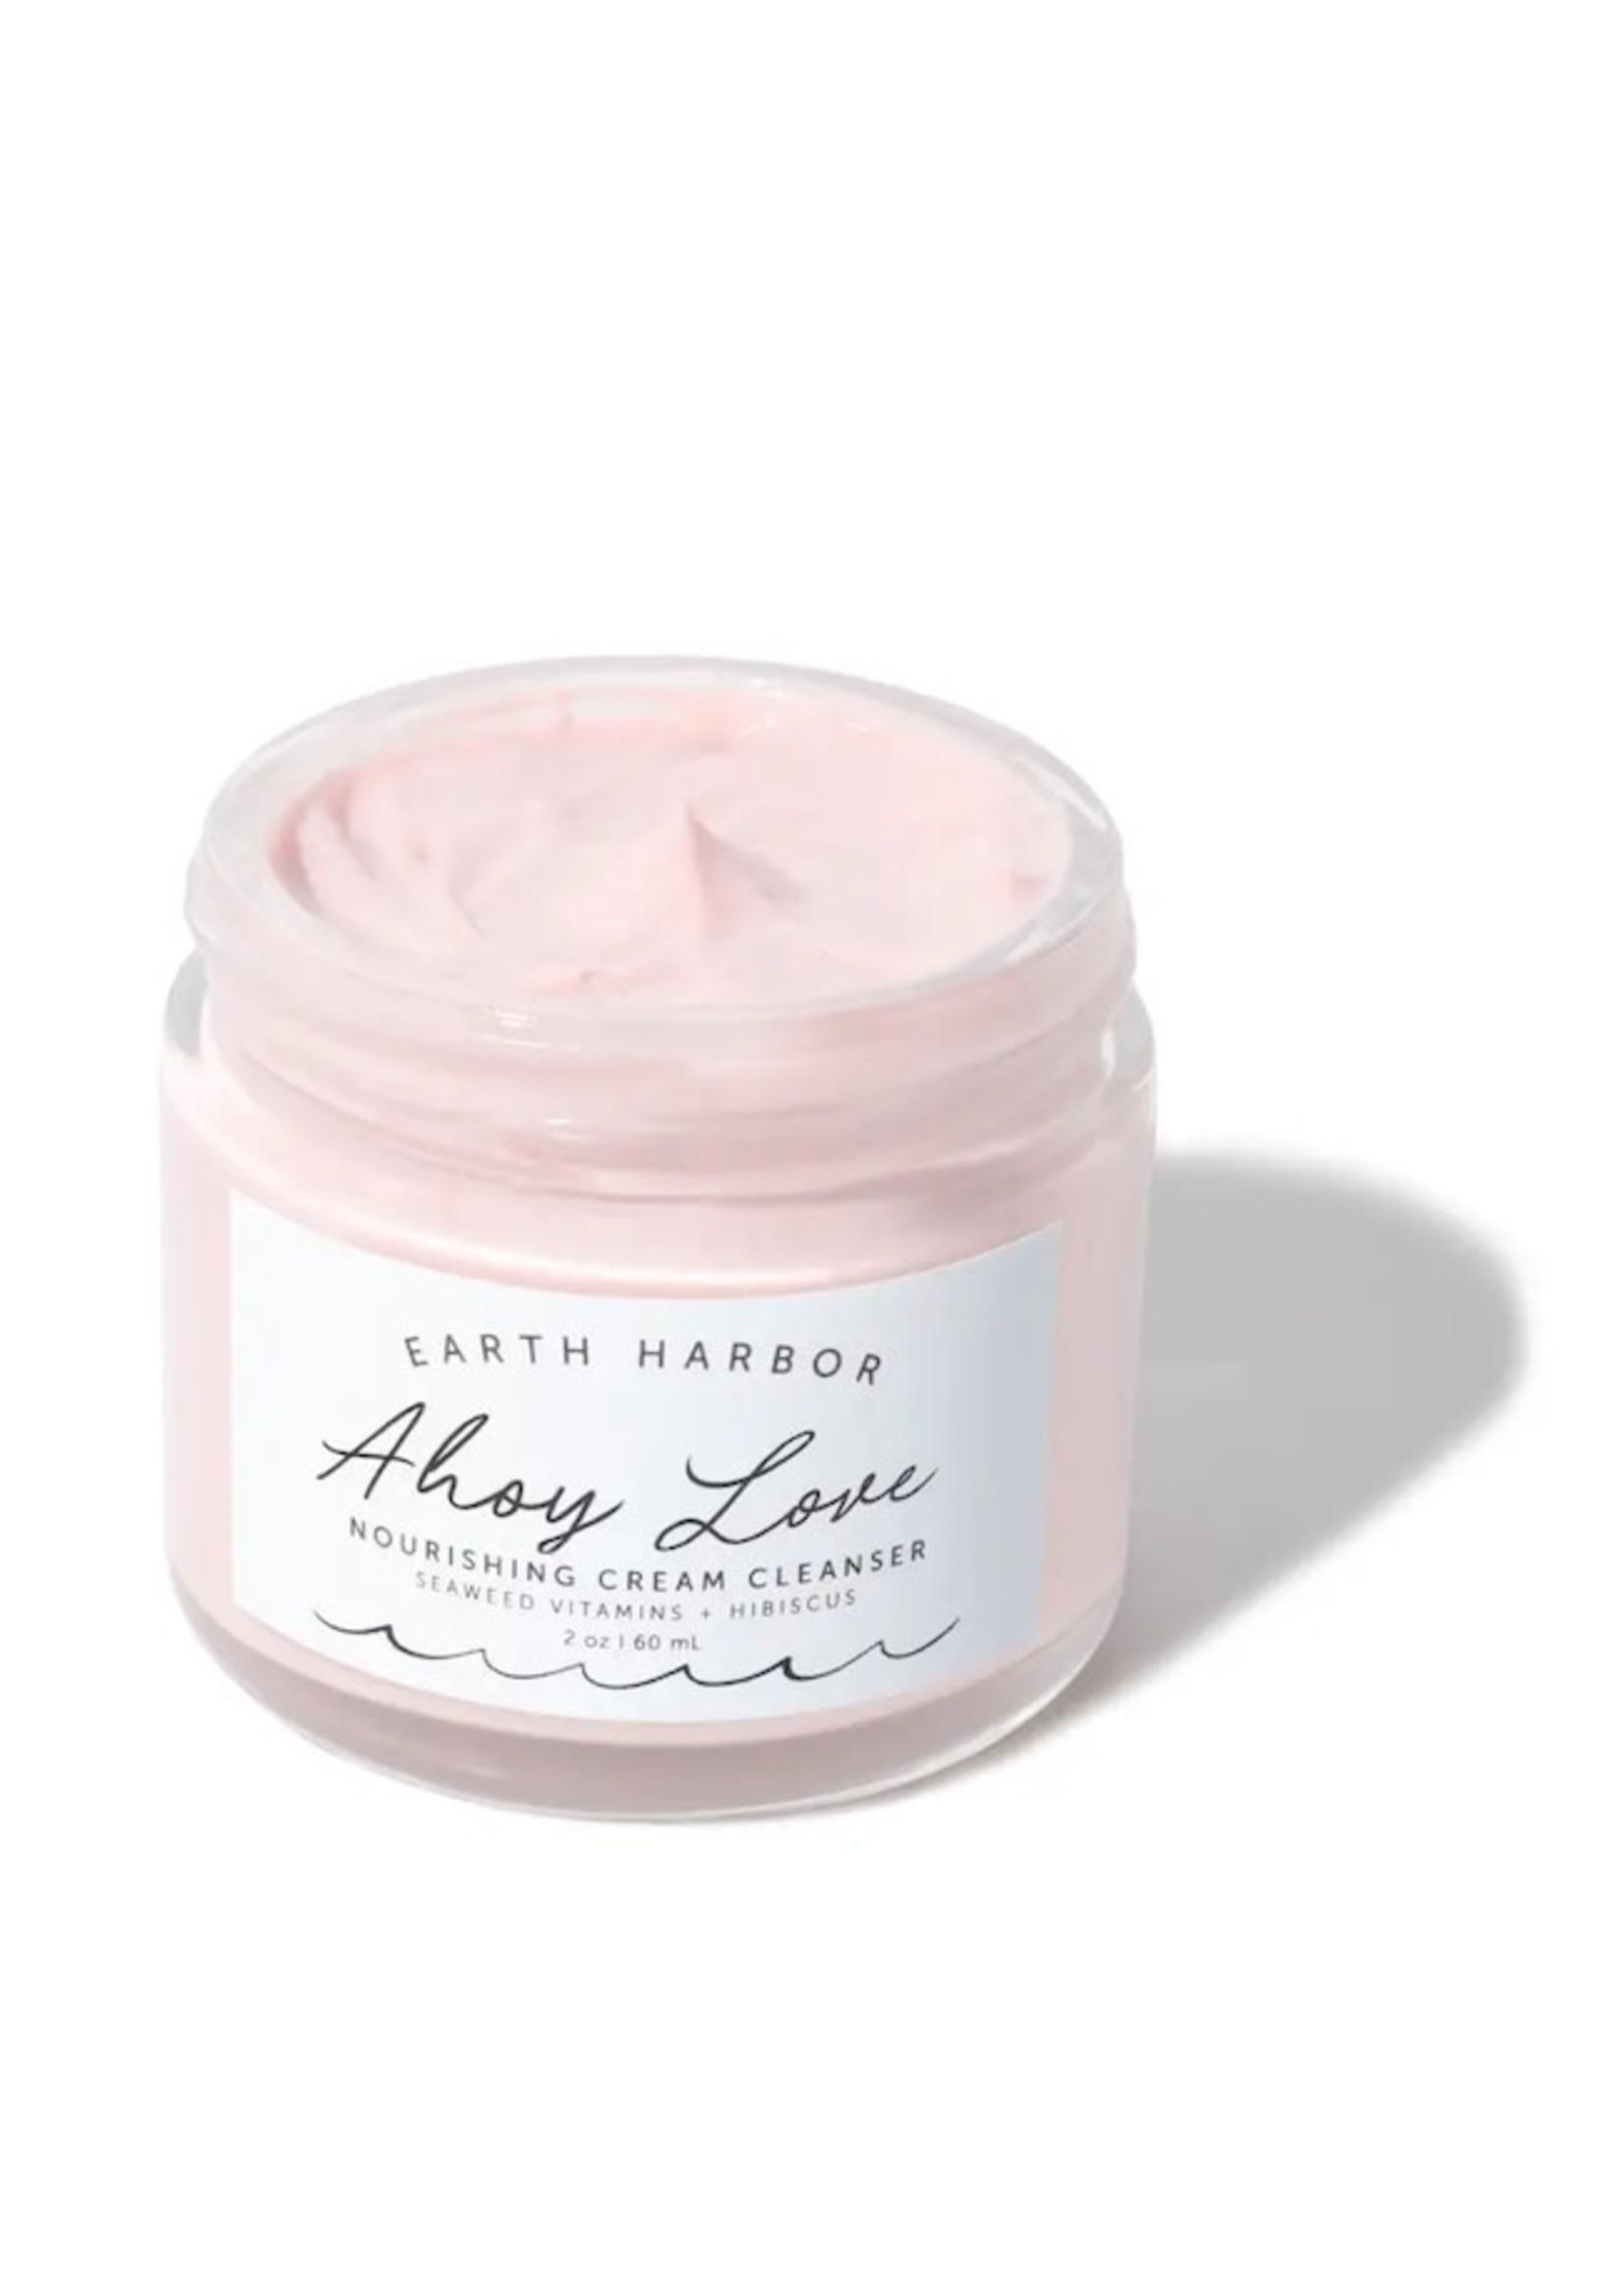 Earth Harbor Ahoy Love Cream Cleanser